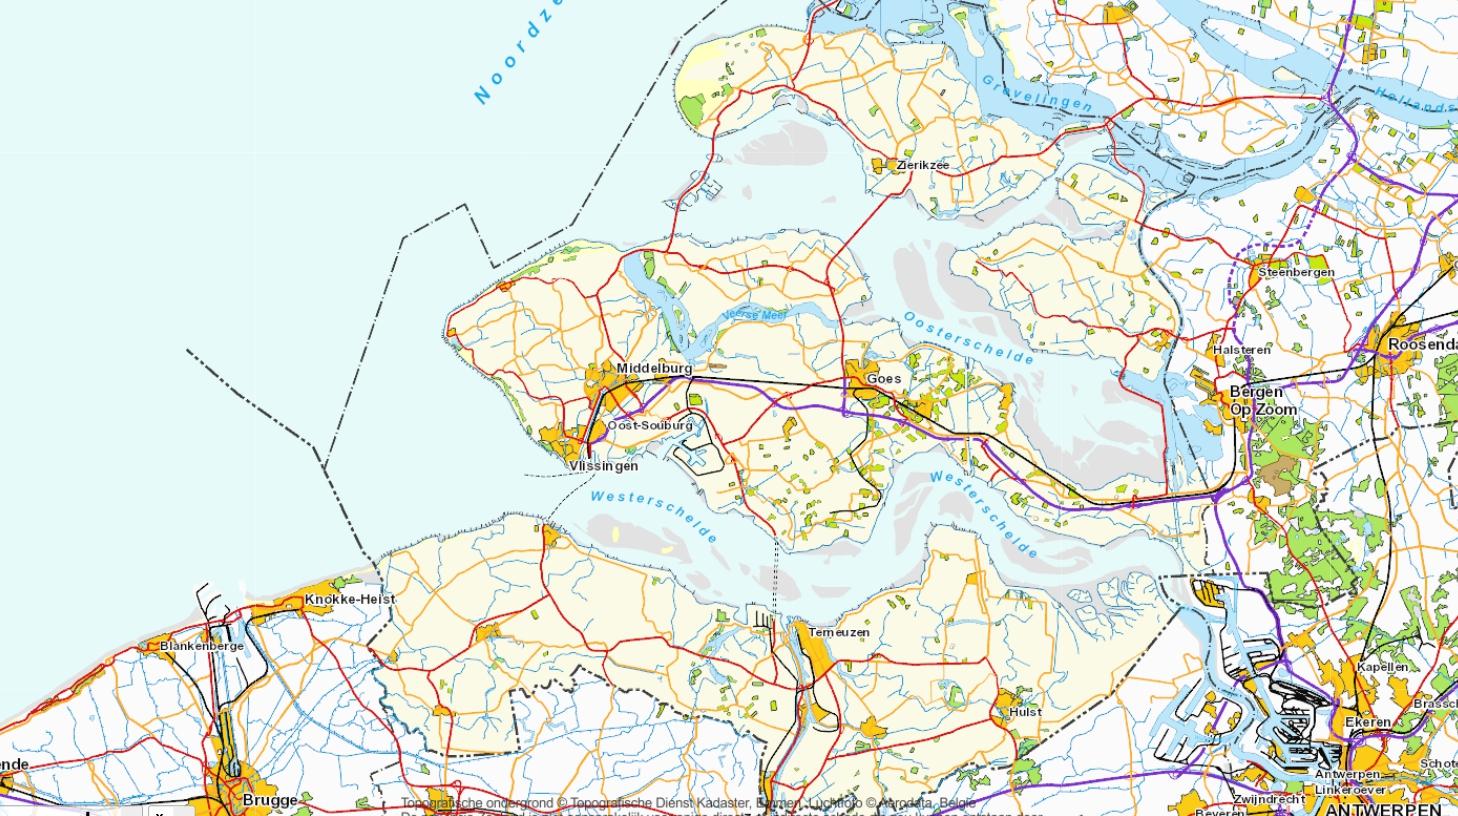 Deel van de kaart van Zeeland